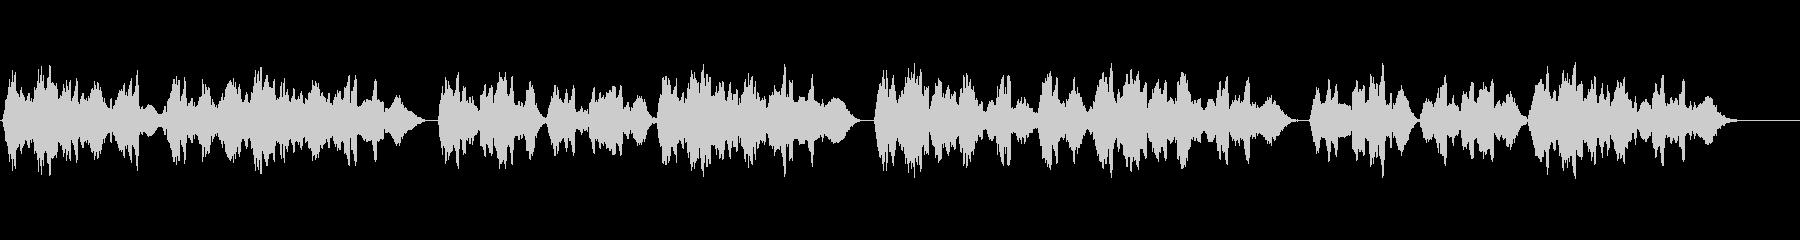 ロングロングアゴー/バイオリンソロの未再生の波形